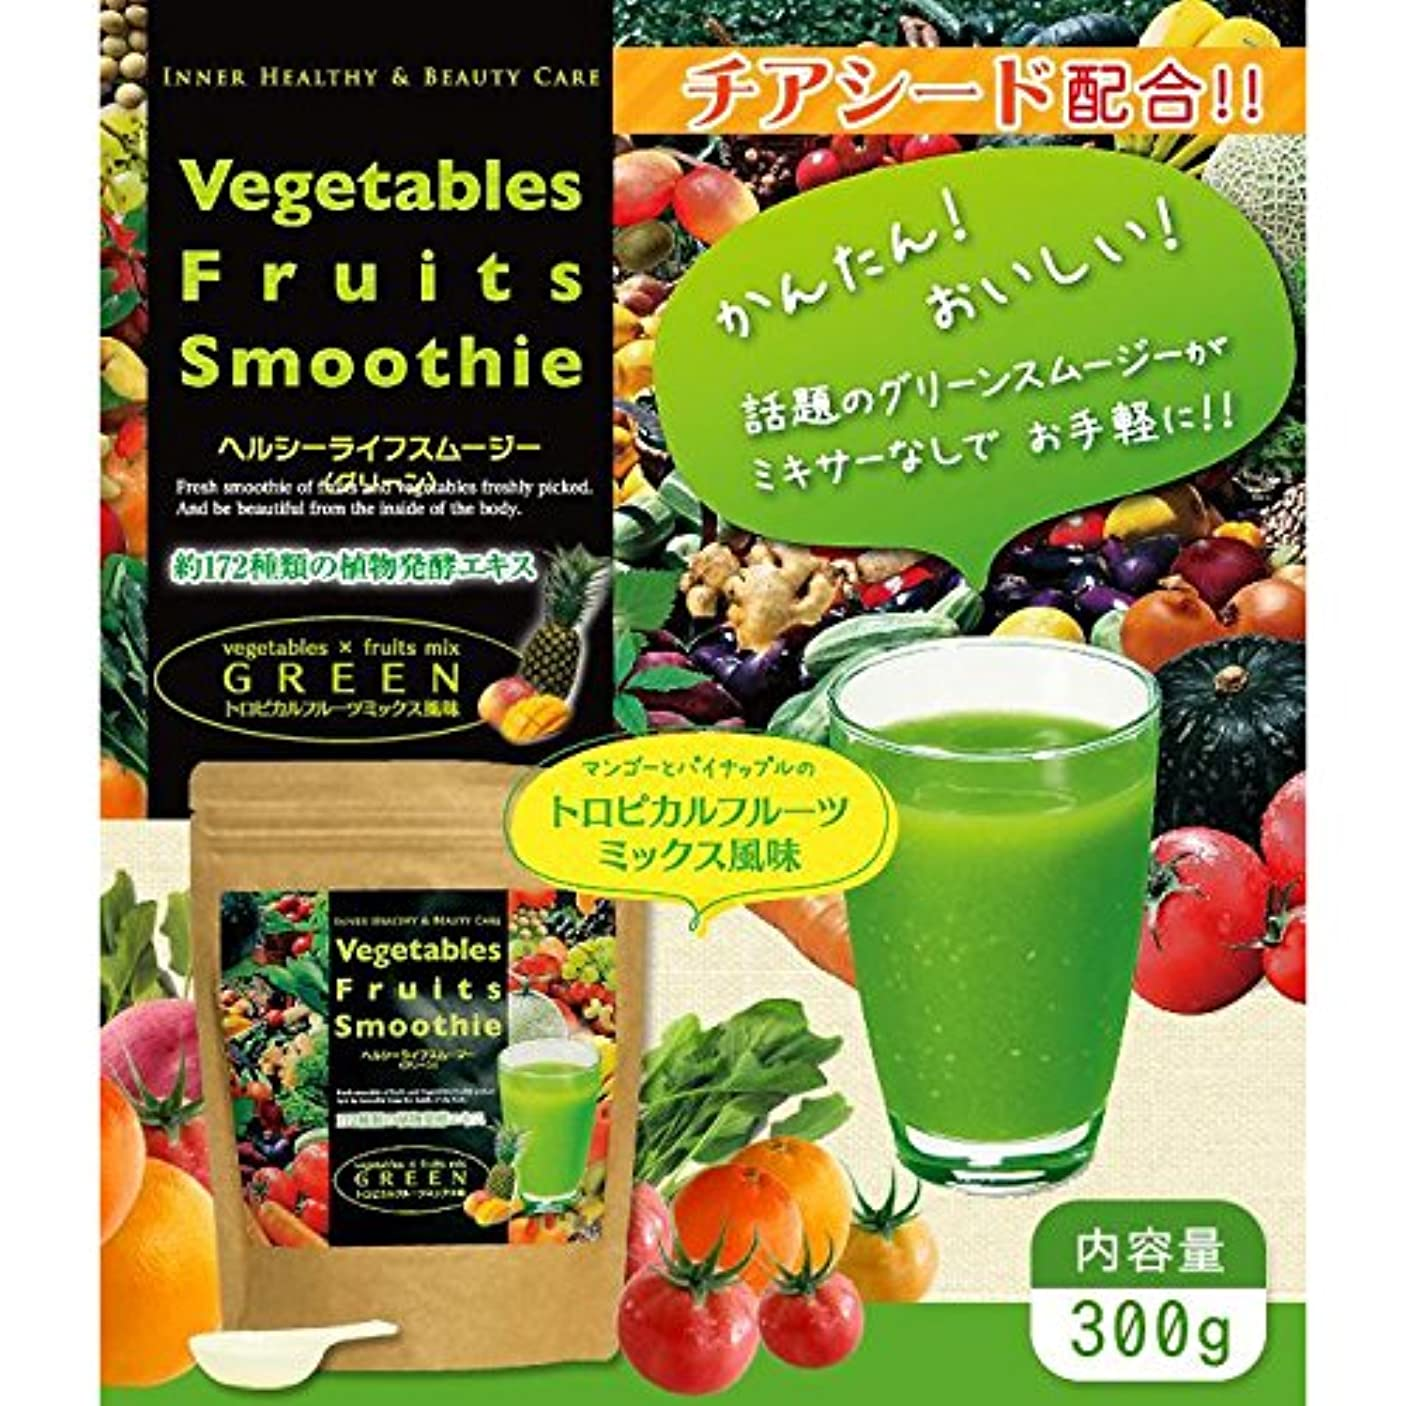 経過おばあさん引き受けるVegetables Fruits Smoothie ヘルシーライフスムージー(グリーン)トロピカルフルーツミックス味 300g 日本製